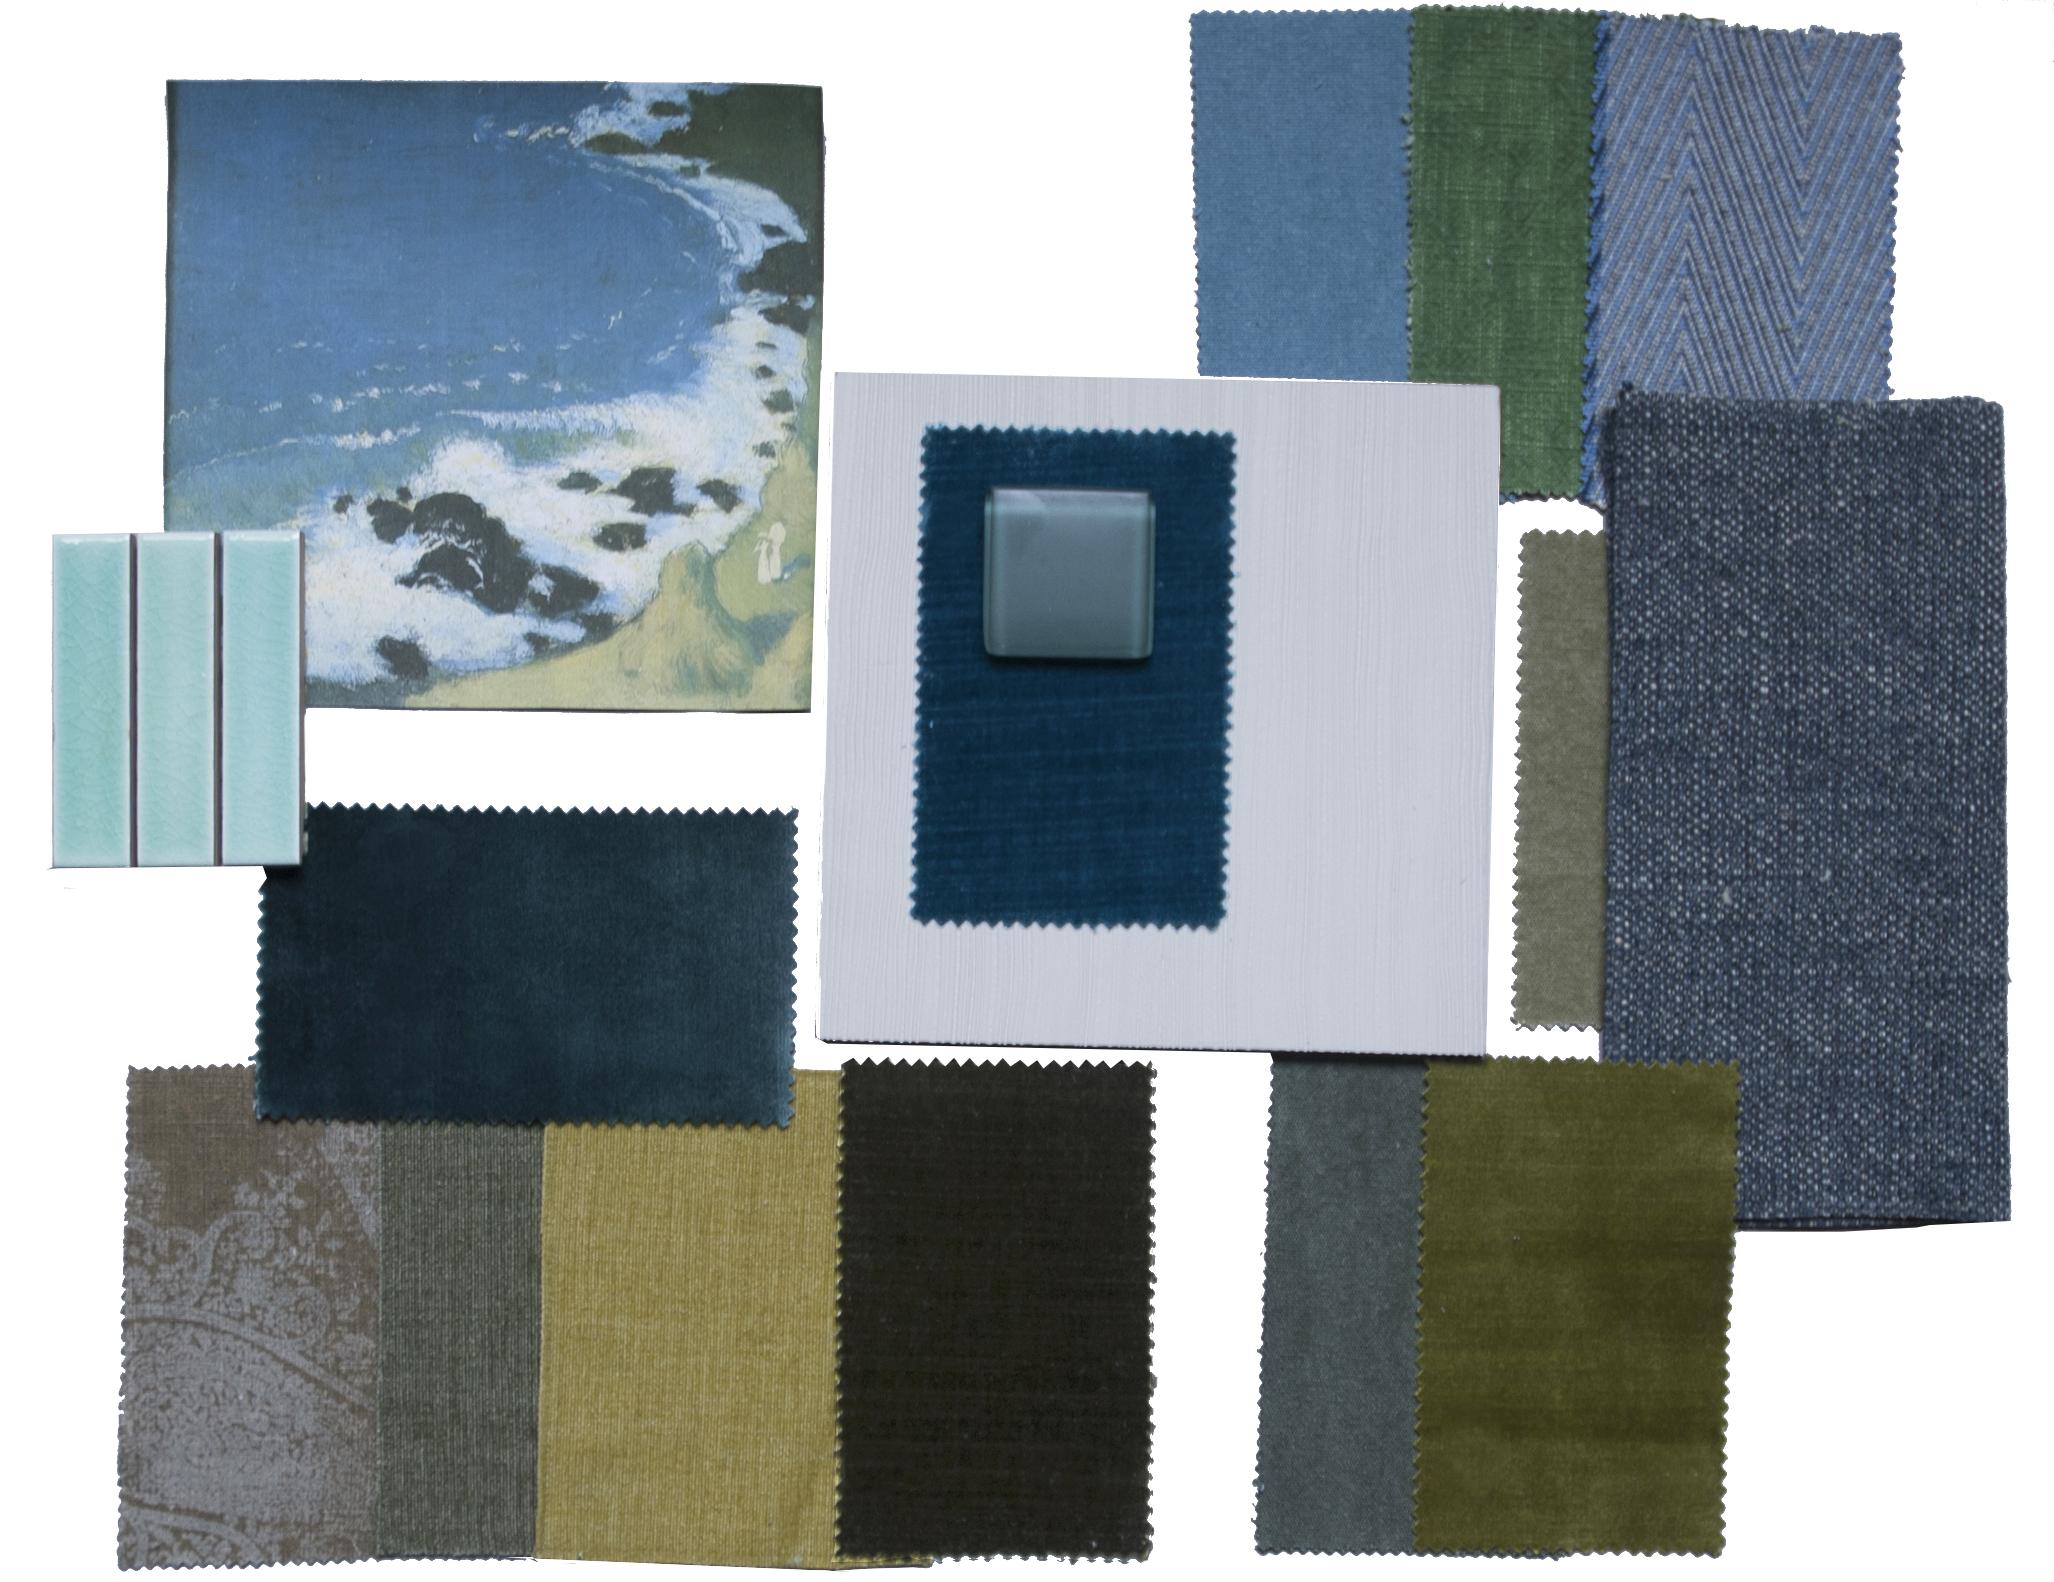 materiale textile din fibre naturale